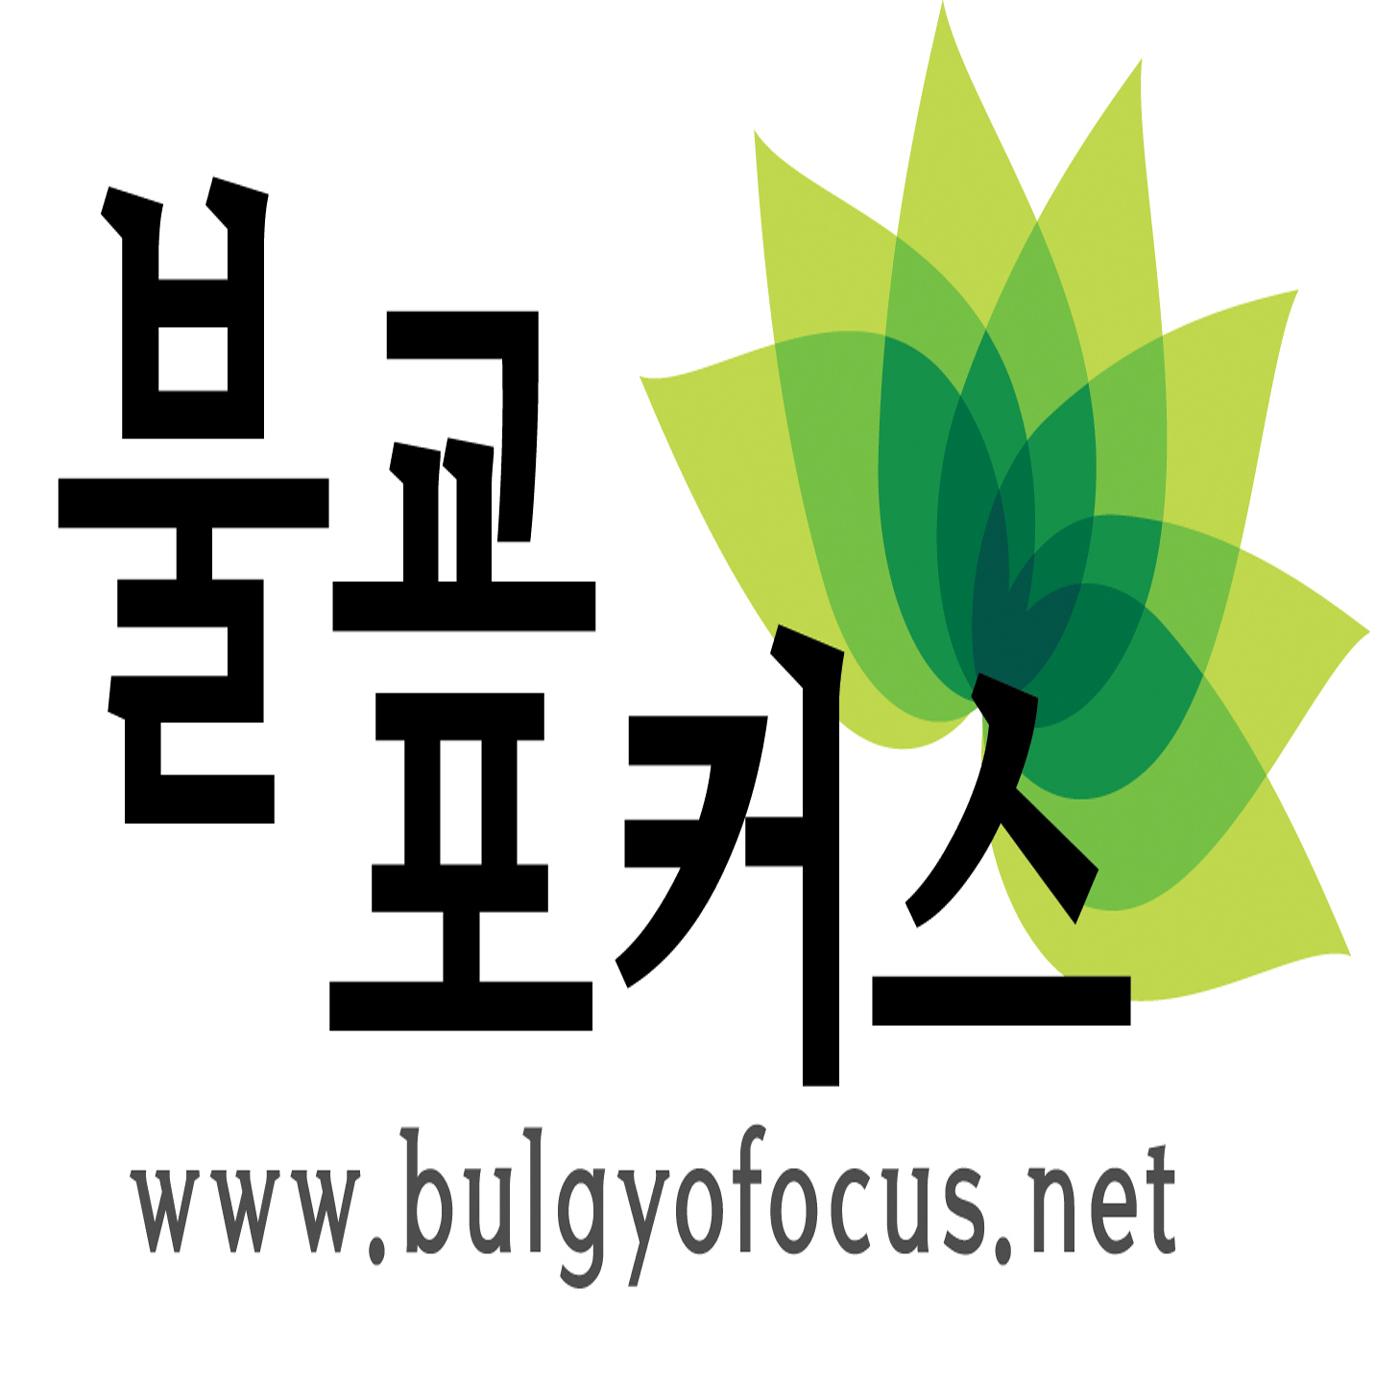 불교포커스 팟캐스트